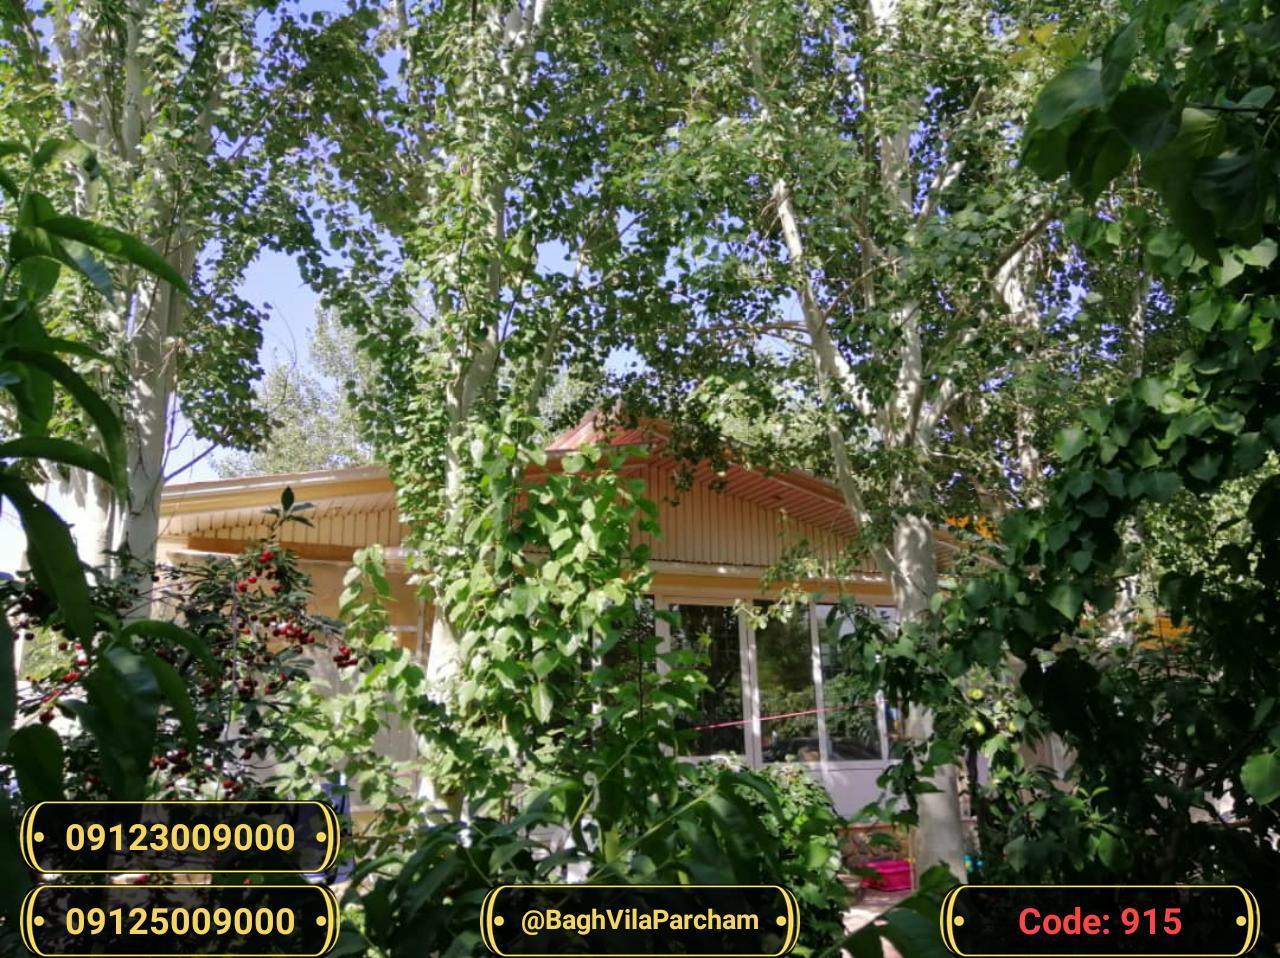 تصویر عکس باغ ویلا شماره 15 از ویلای ۵۶۵۰ متر ویلا کلاسیک تریبلکس Picture photo image 15 of ۵۶۵۰ متر ویلا کلاسیک تریبلکس